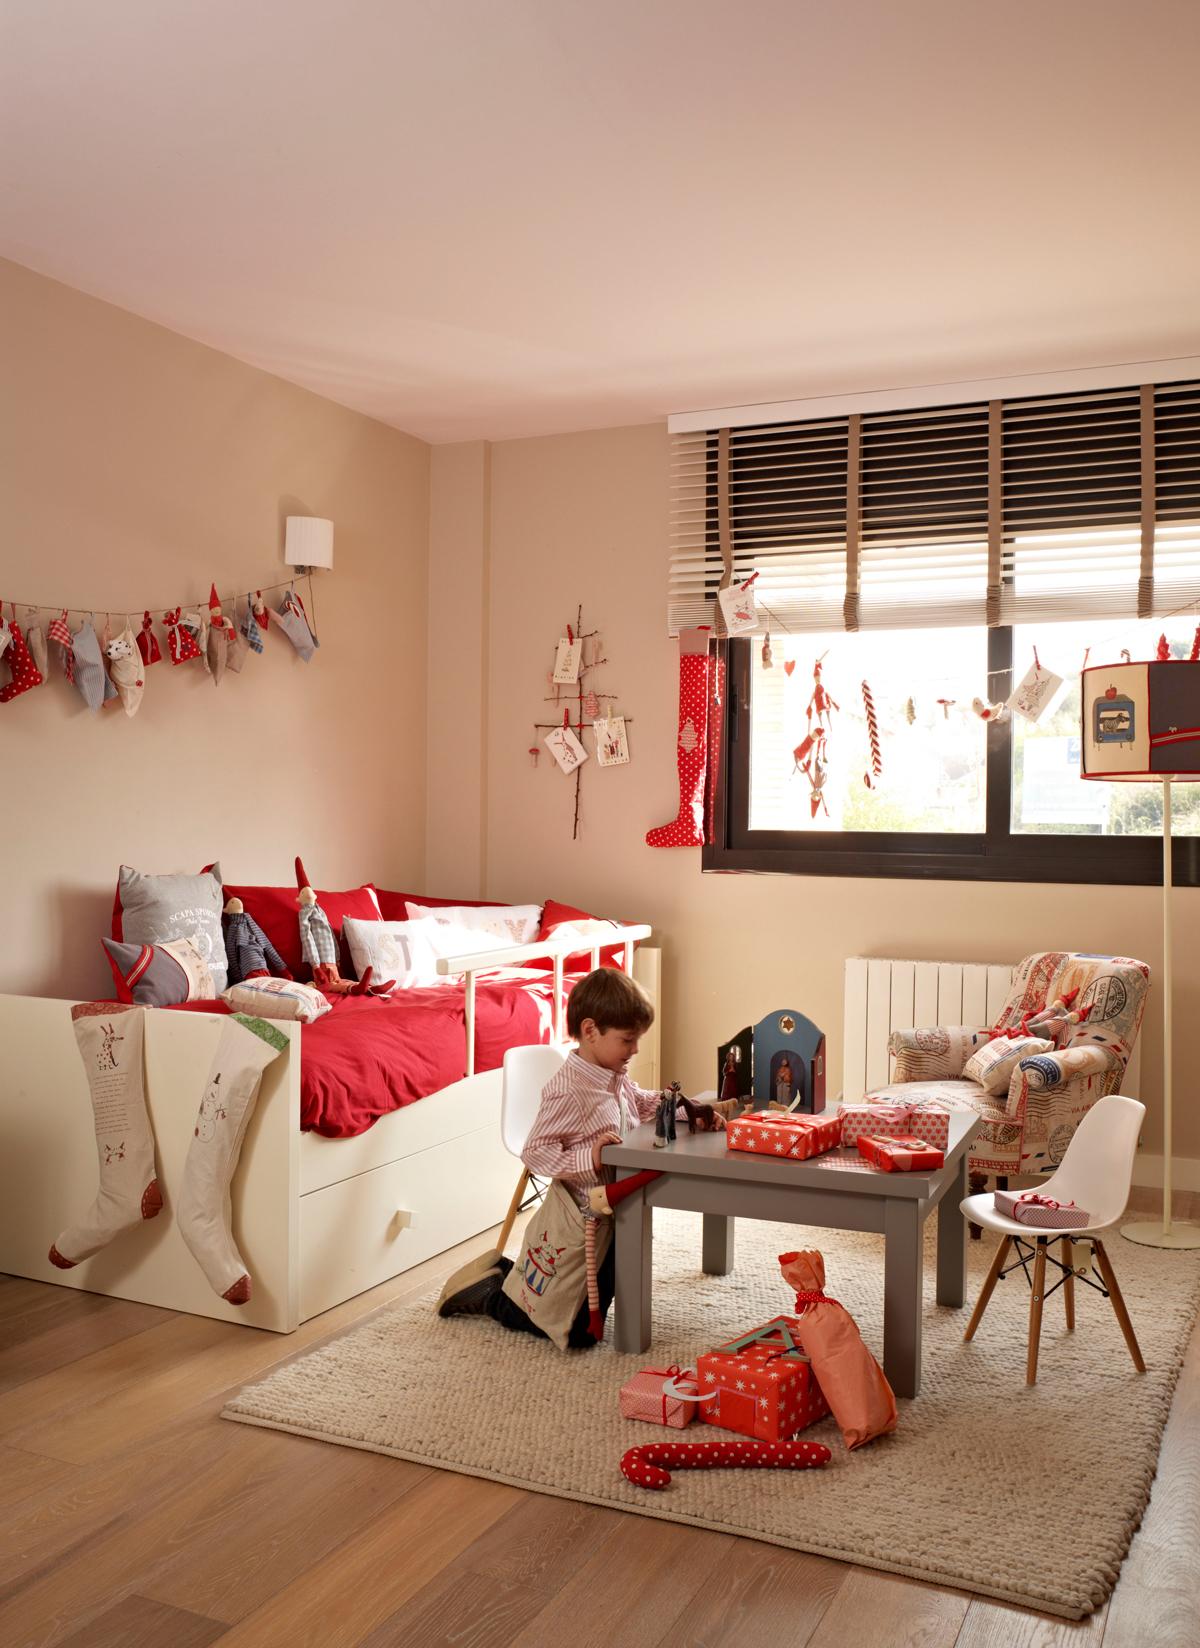 Adornos de navidad para decorar la habitaci n infantil for Adornos para pieza de bebe